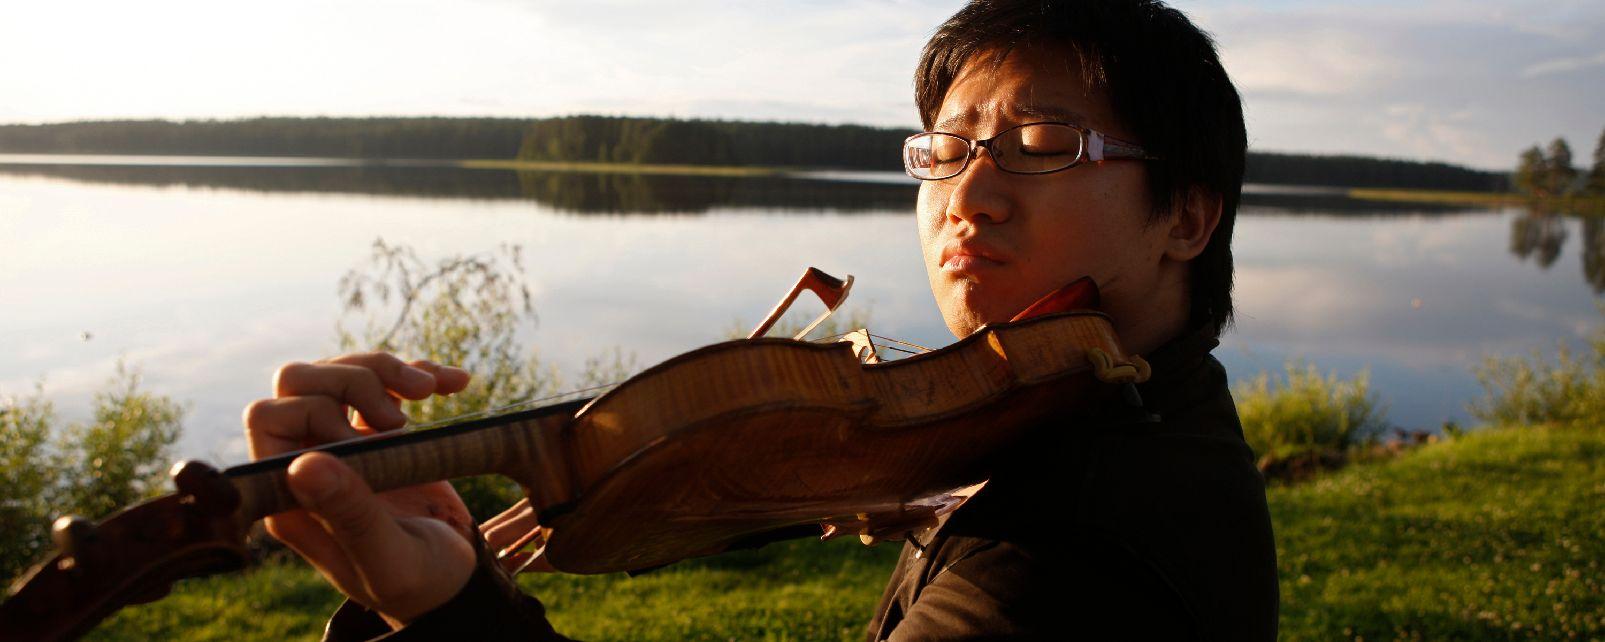 Le festival de Kuhmo , Un musicien au festival de Kuhmo , Finlande